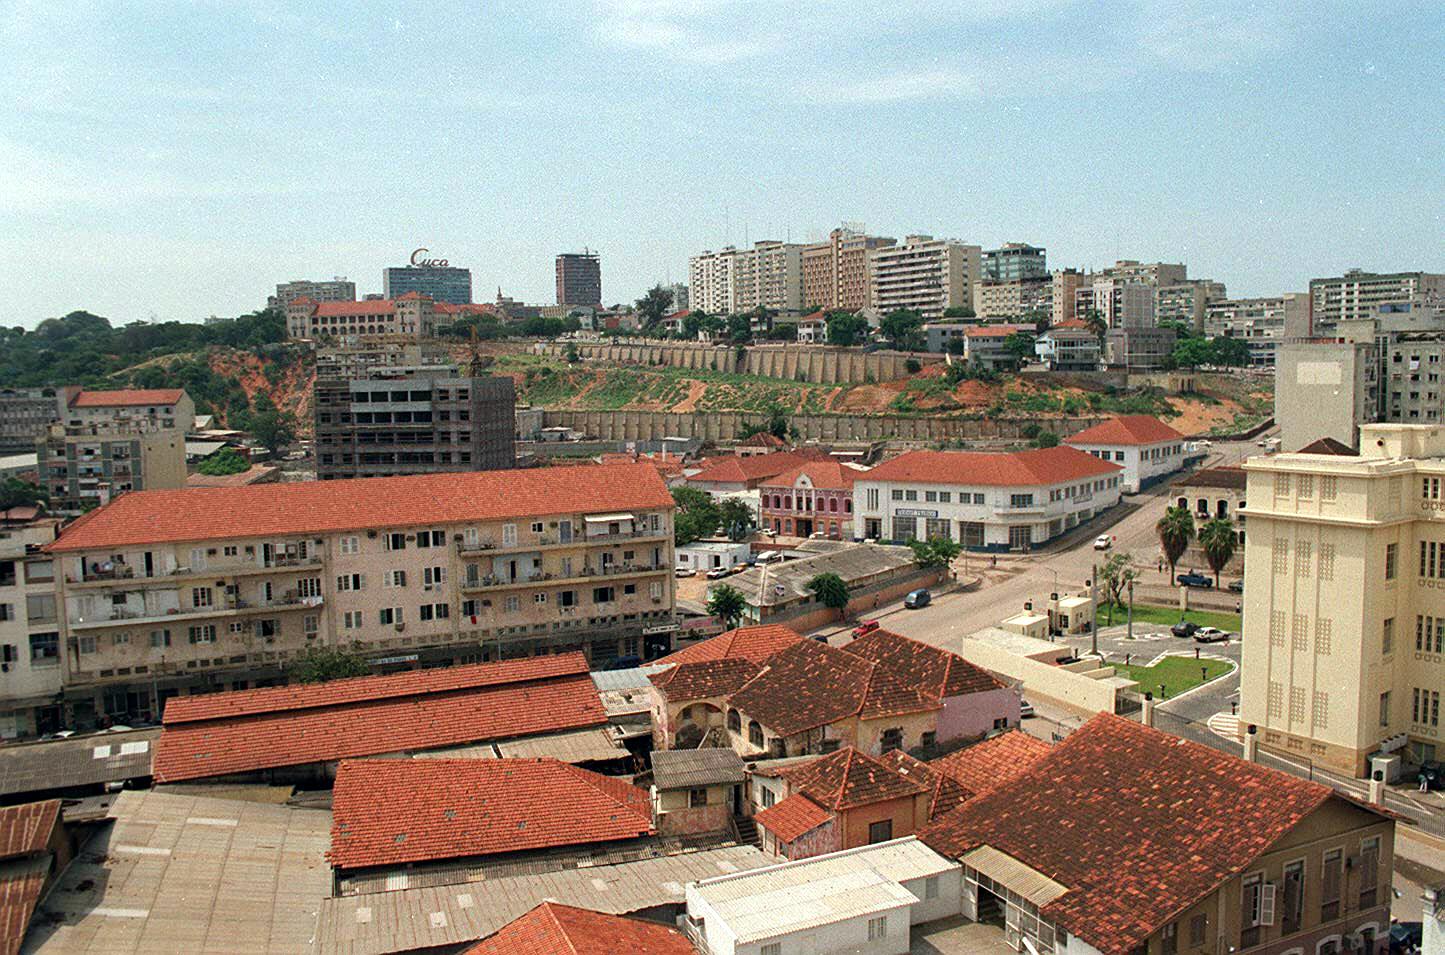 Área destinada à promoção imobiliária no centro de Luanda entregue a empresa pública